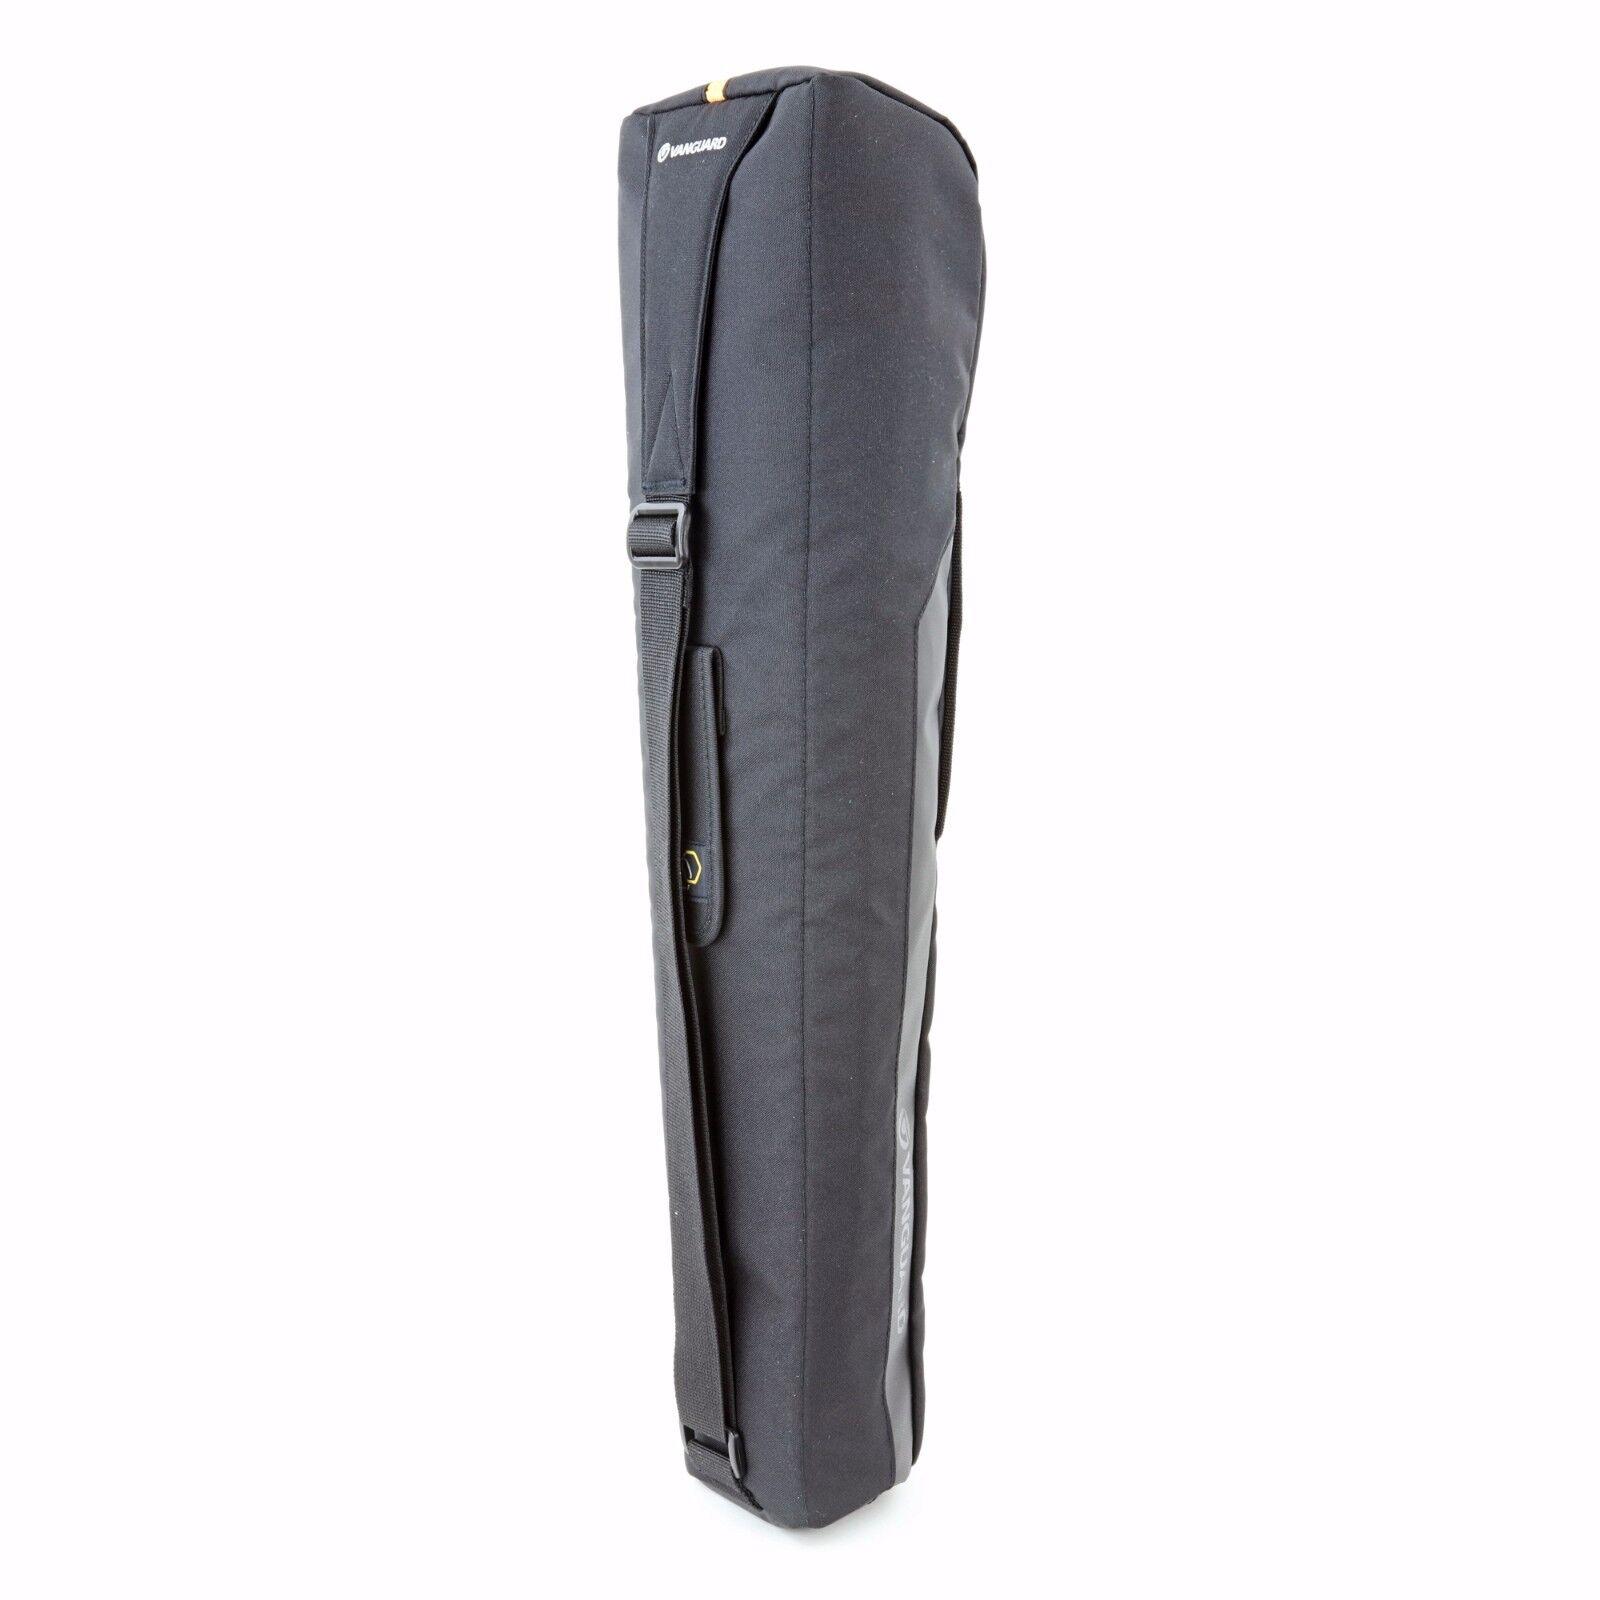 Vanguard Alta acción 70 acolchado bolsa caso de Trípode 70cm